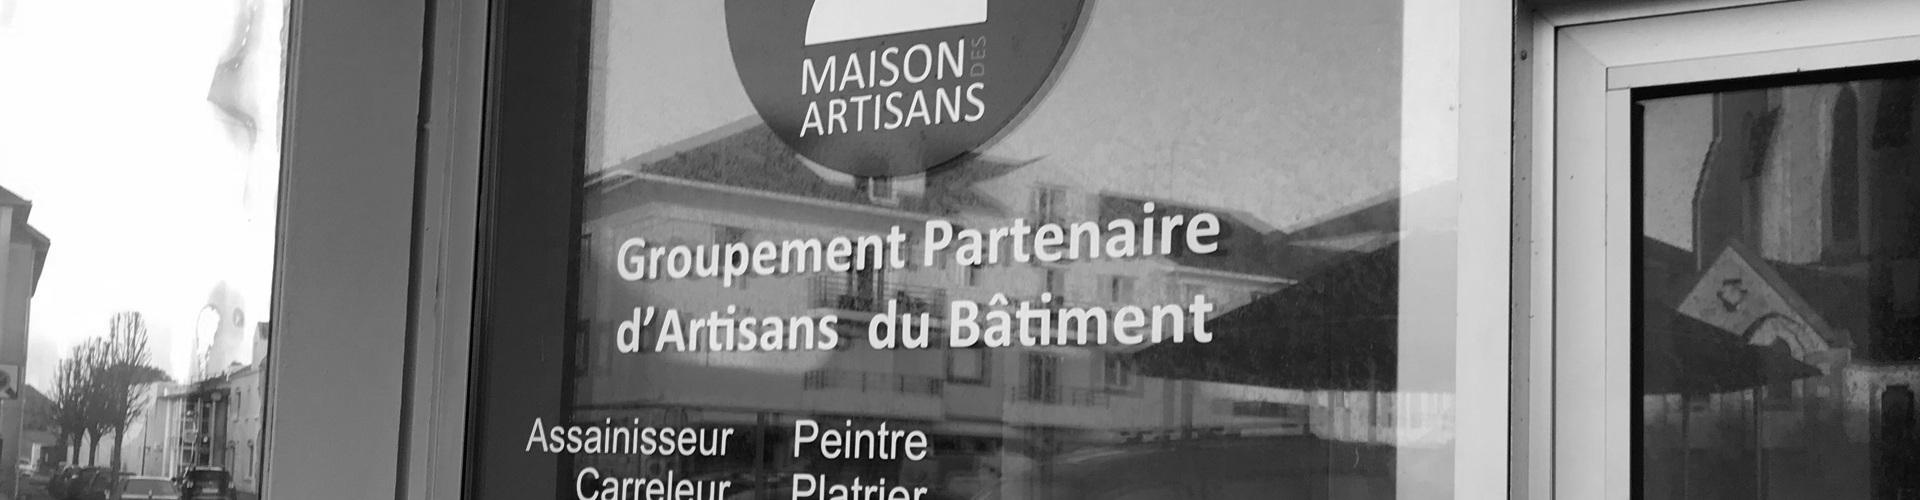 Enseigne adhésif lettres découpées Rennes